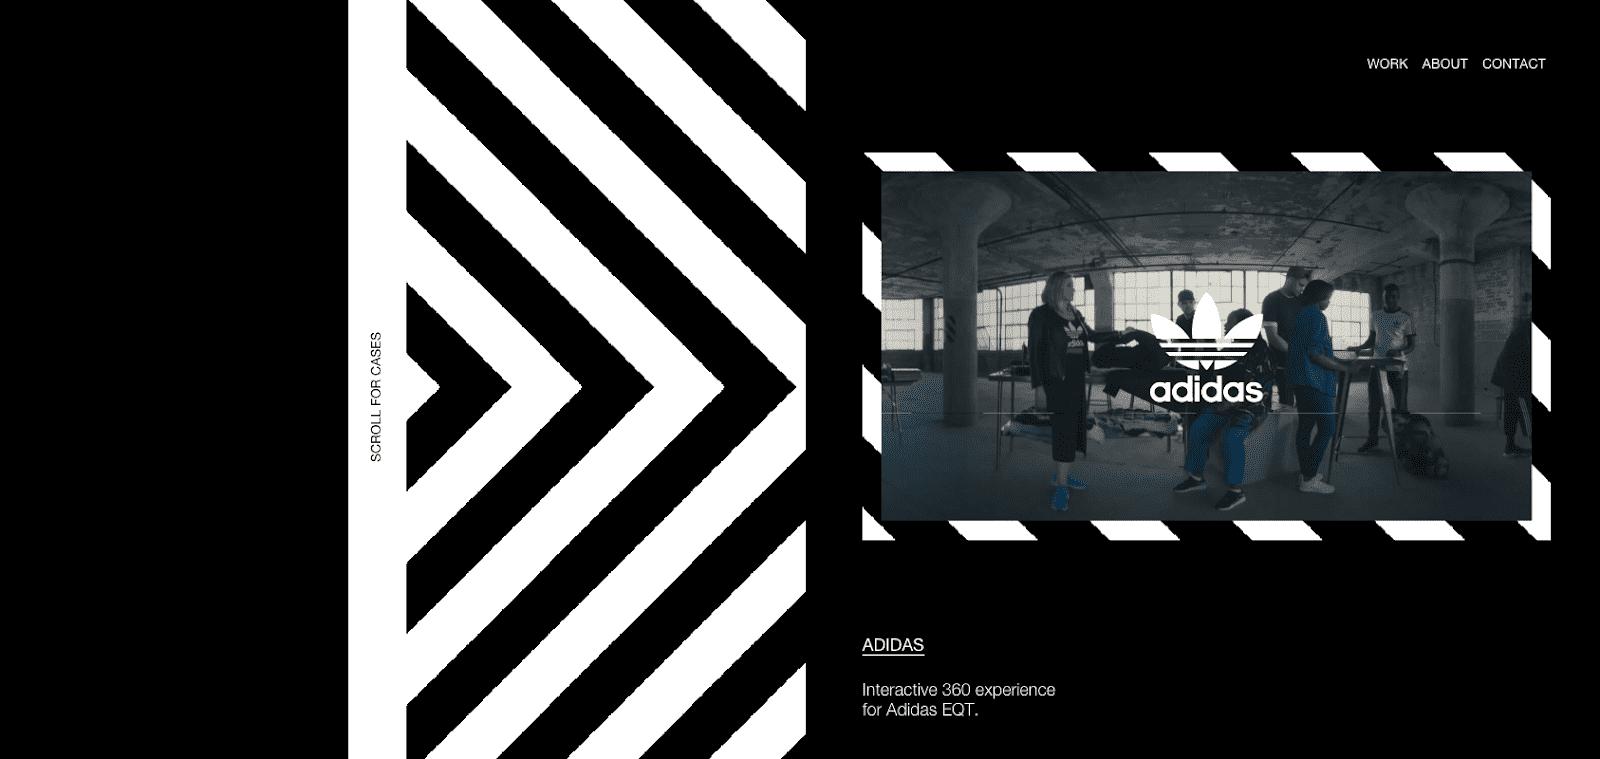 Studio bjork website